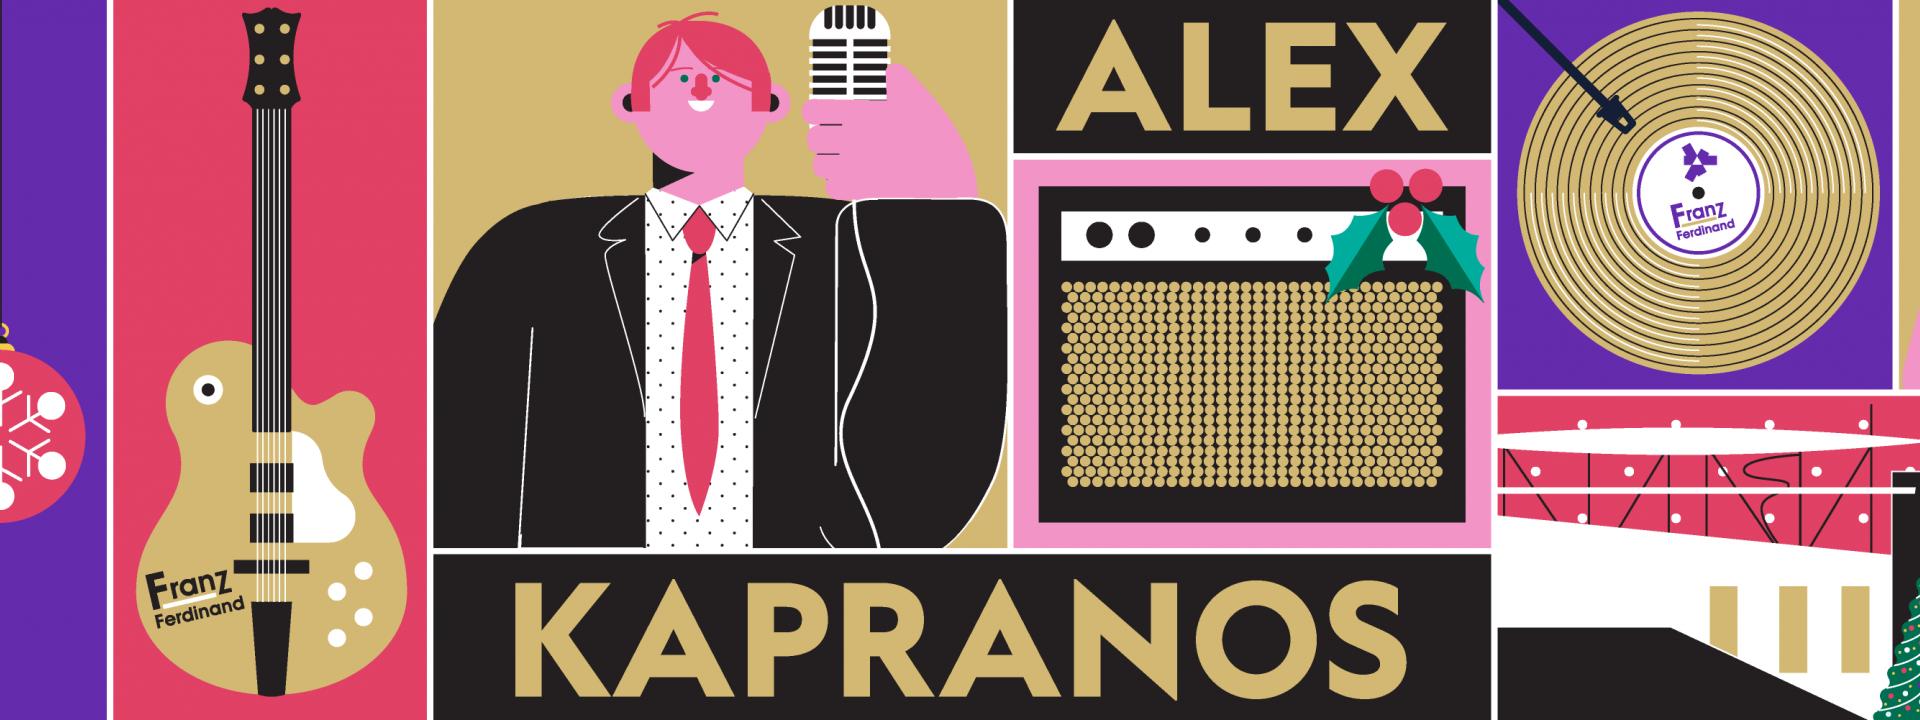 Εικαστικό για τον Alex Kapranos που θα εμφανιστεί στο ΚΠΙΣΝ στο πλαίσιο των SNFCC Sessions